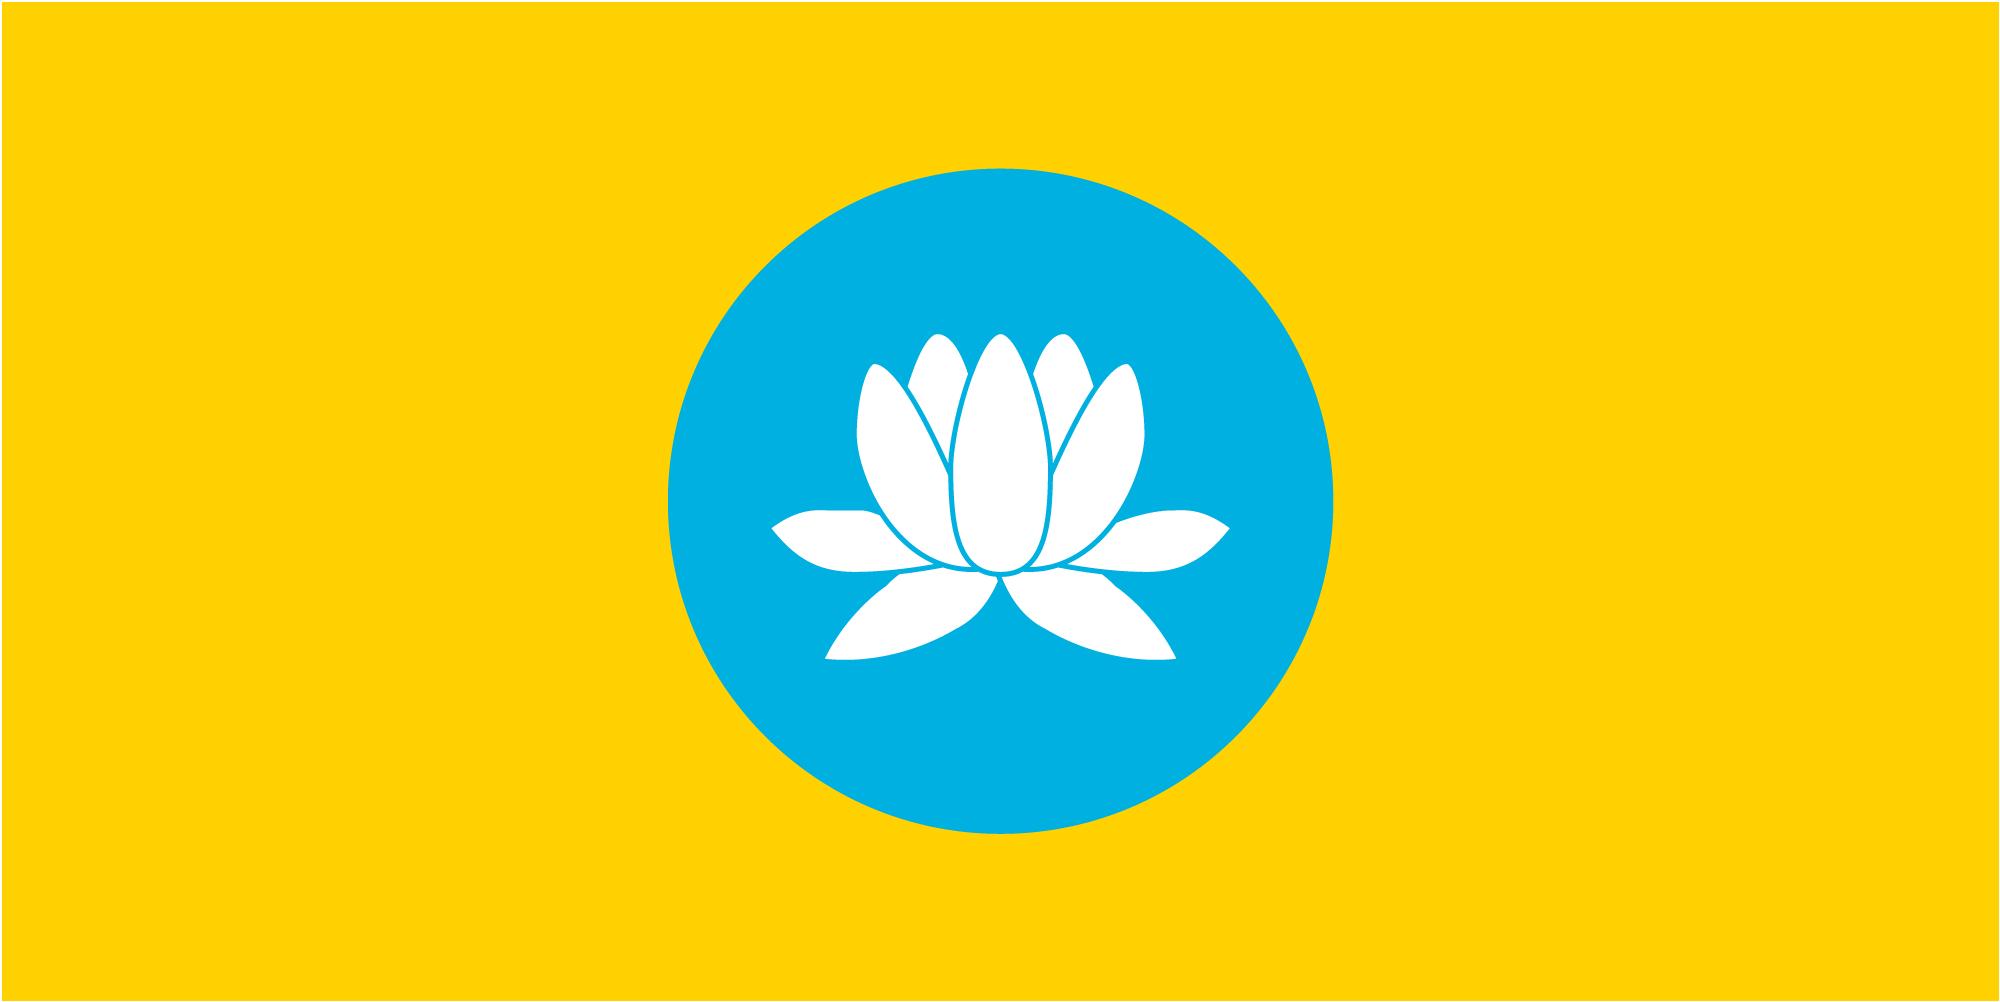 флаг Калмыкии